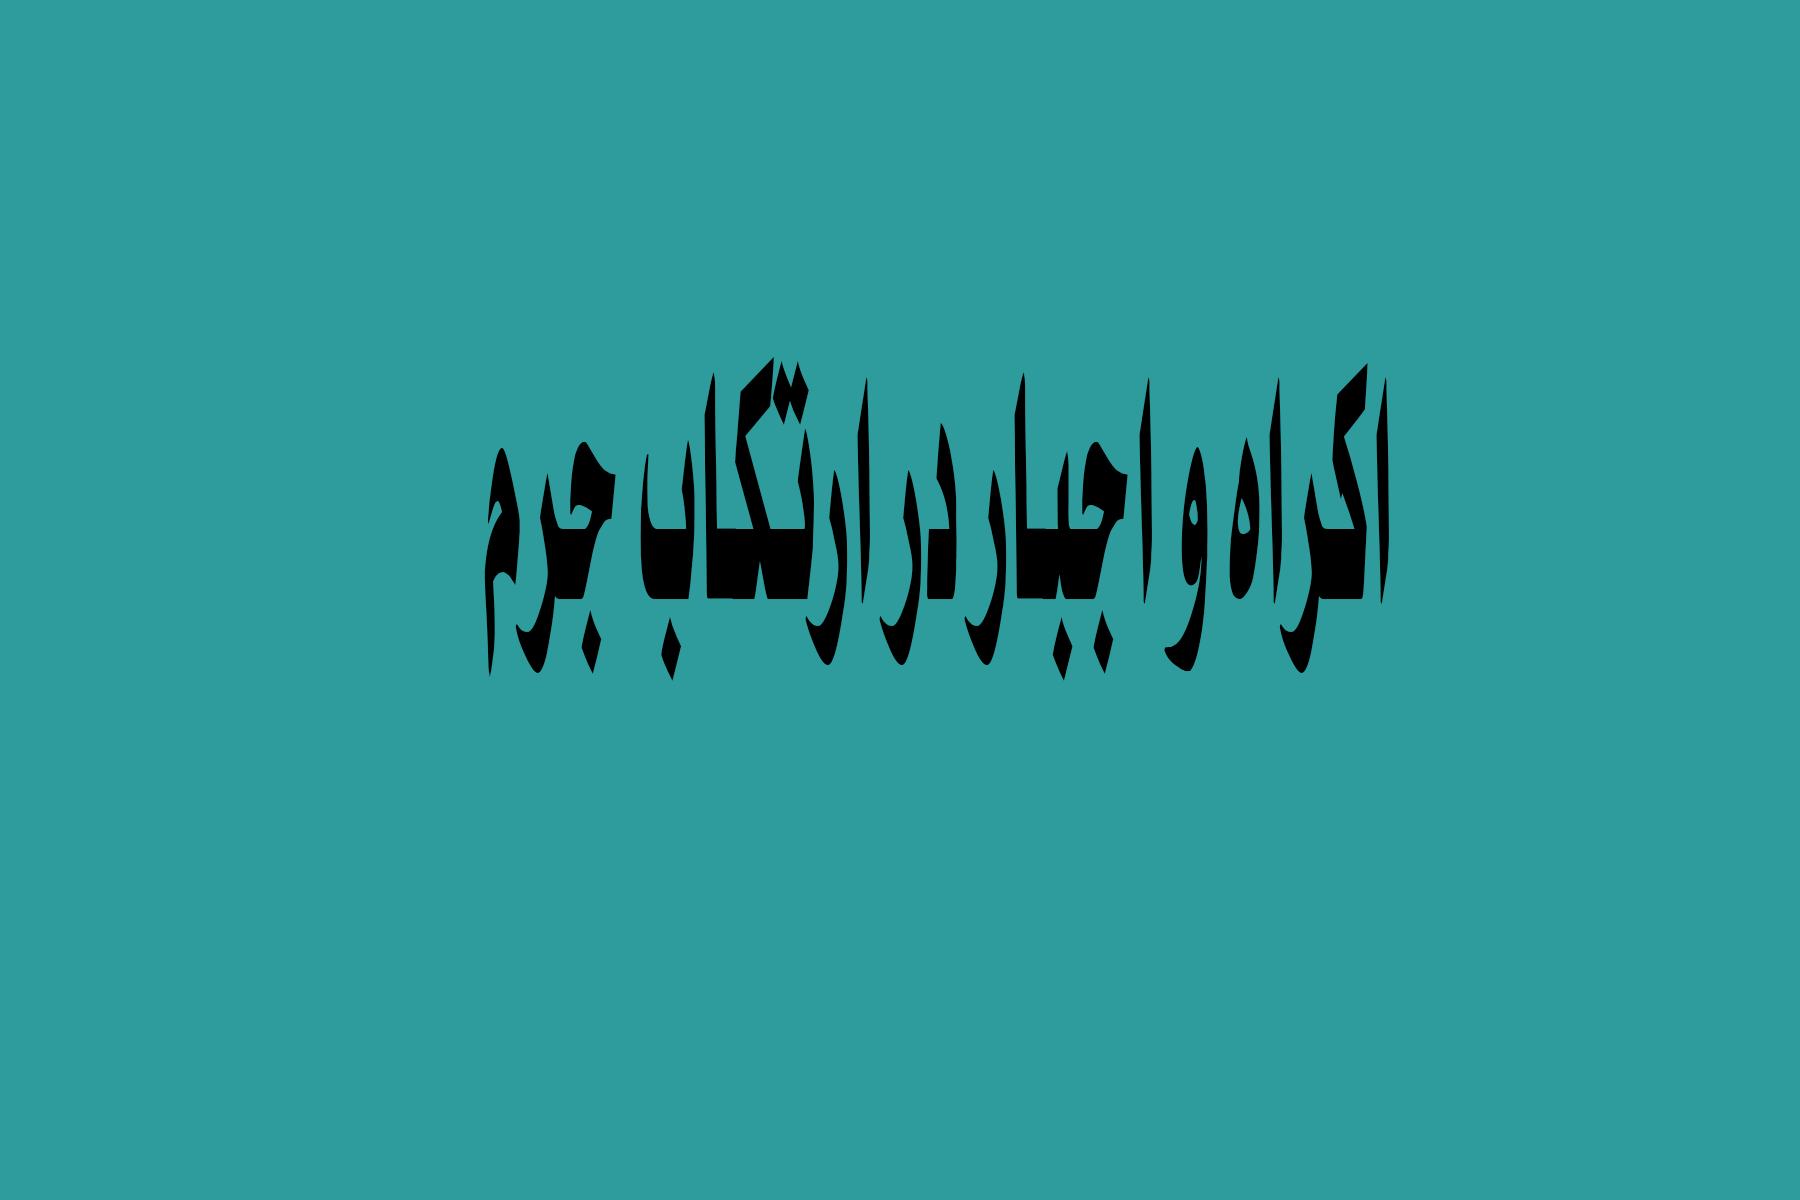 بهترین وکیل کیفری در ایران